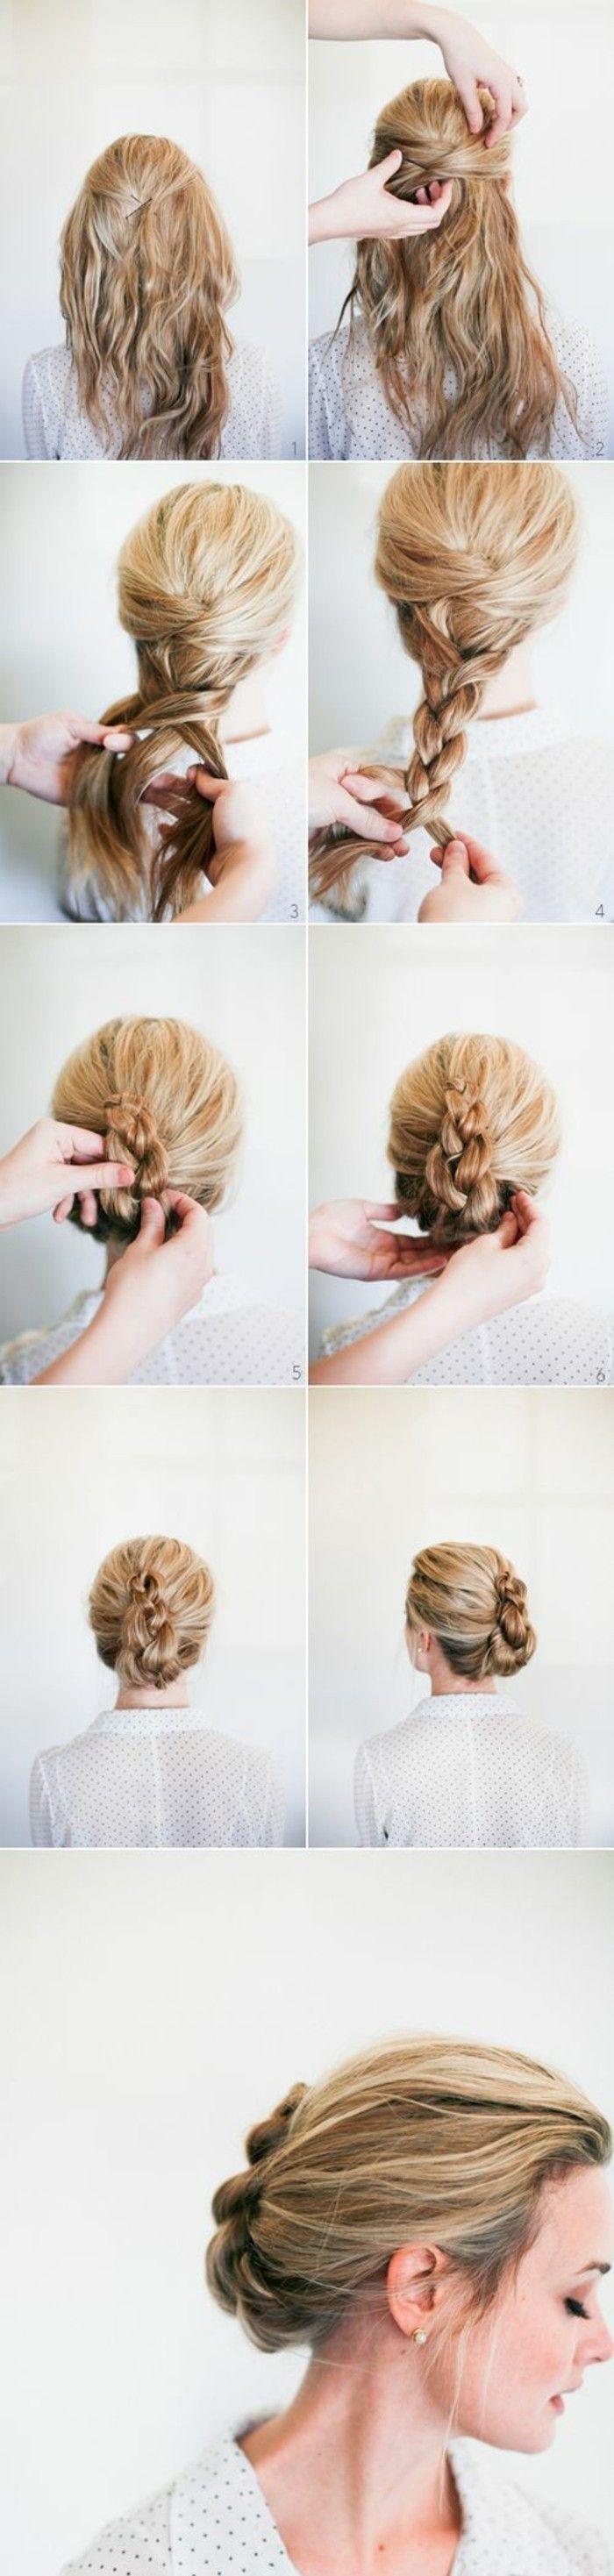 ▷ Más de 1001 ideas sobre cómo hacer updos efectivos usted mismo  – Peinados